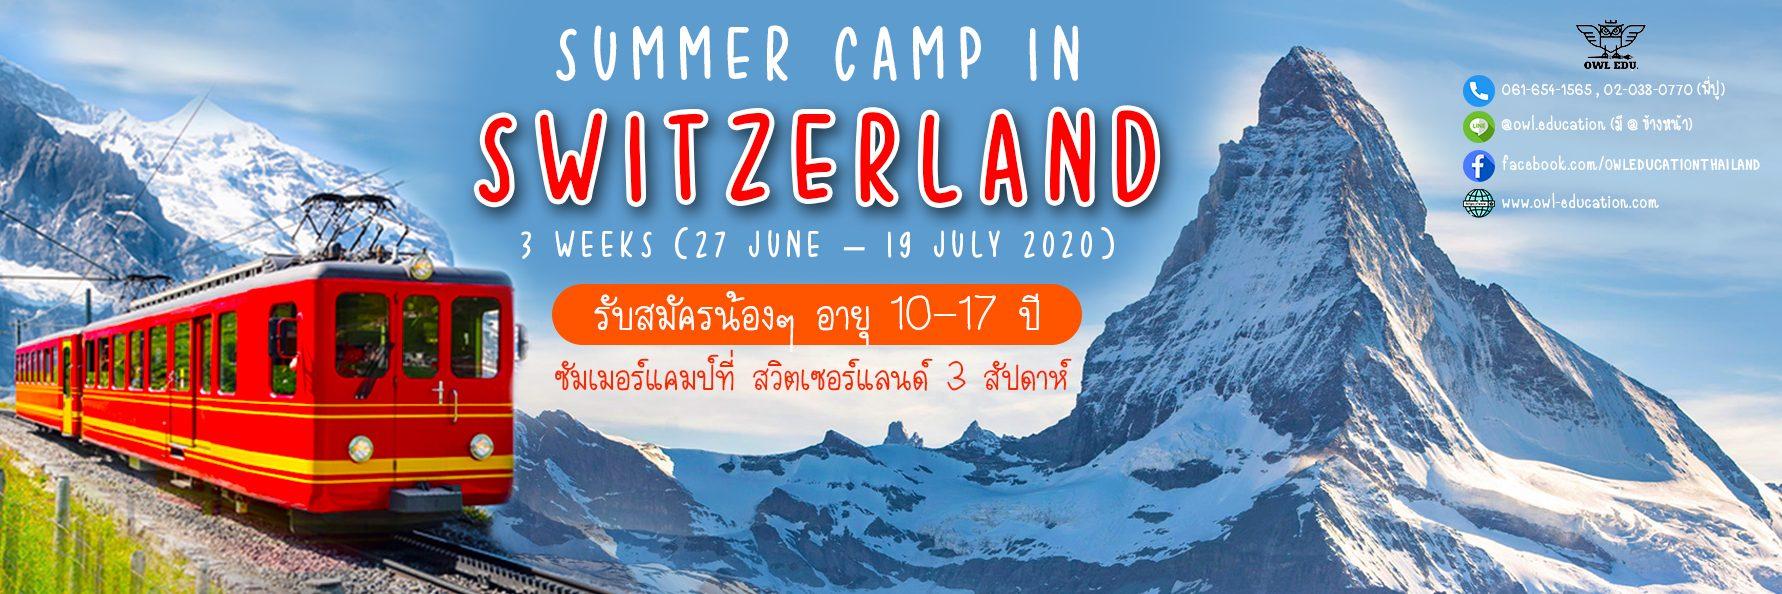 Summer-camp-switzerland